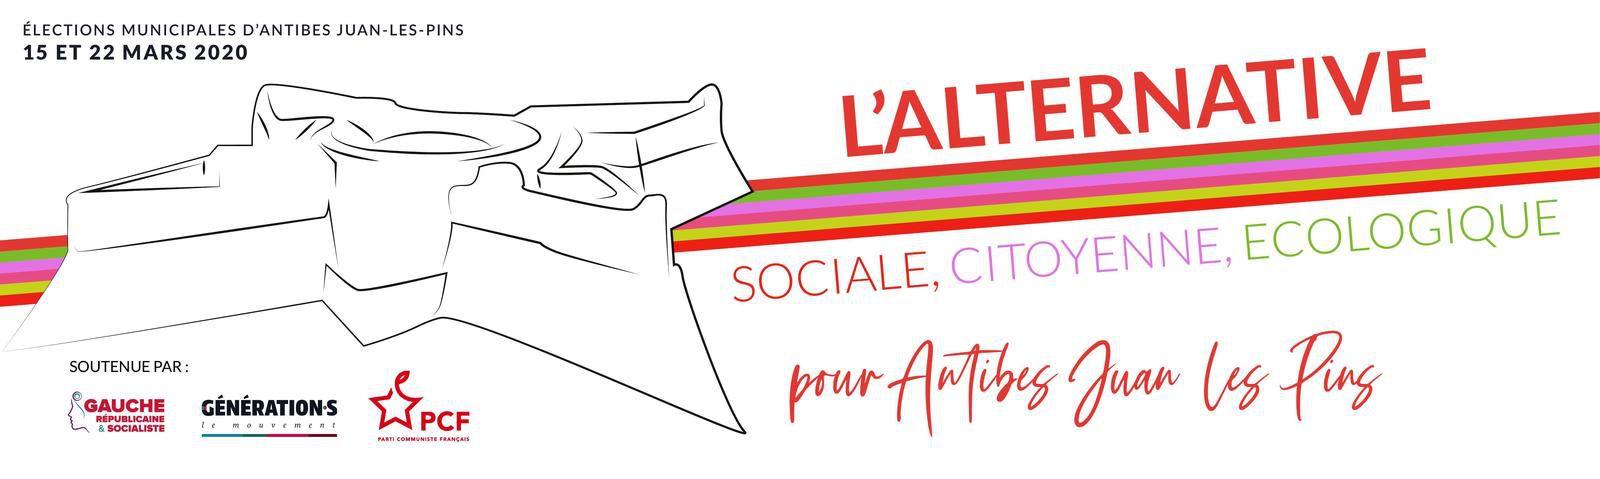 Au programme cette semaine de l'Alternative sociale, citoyenne, écologique pour AJLP